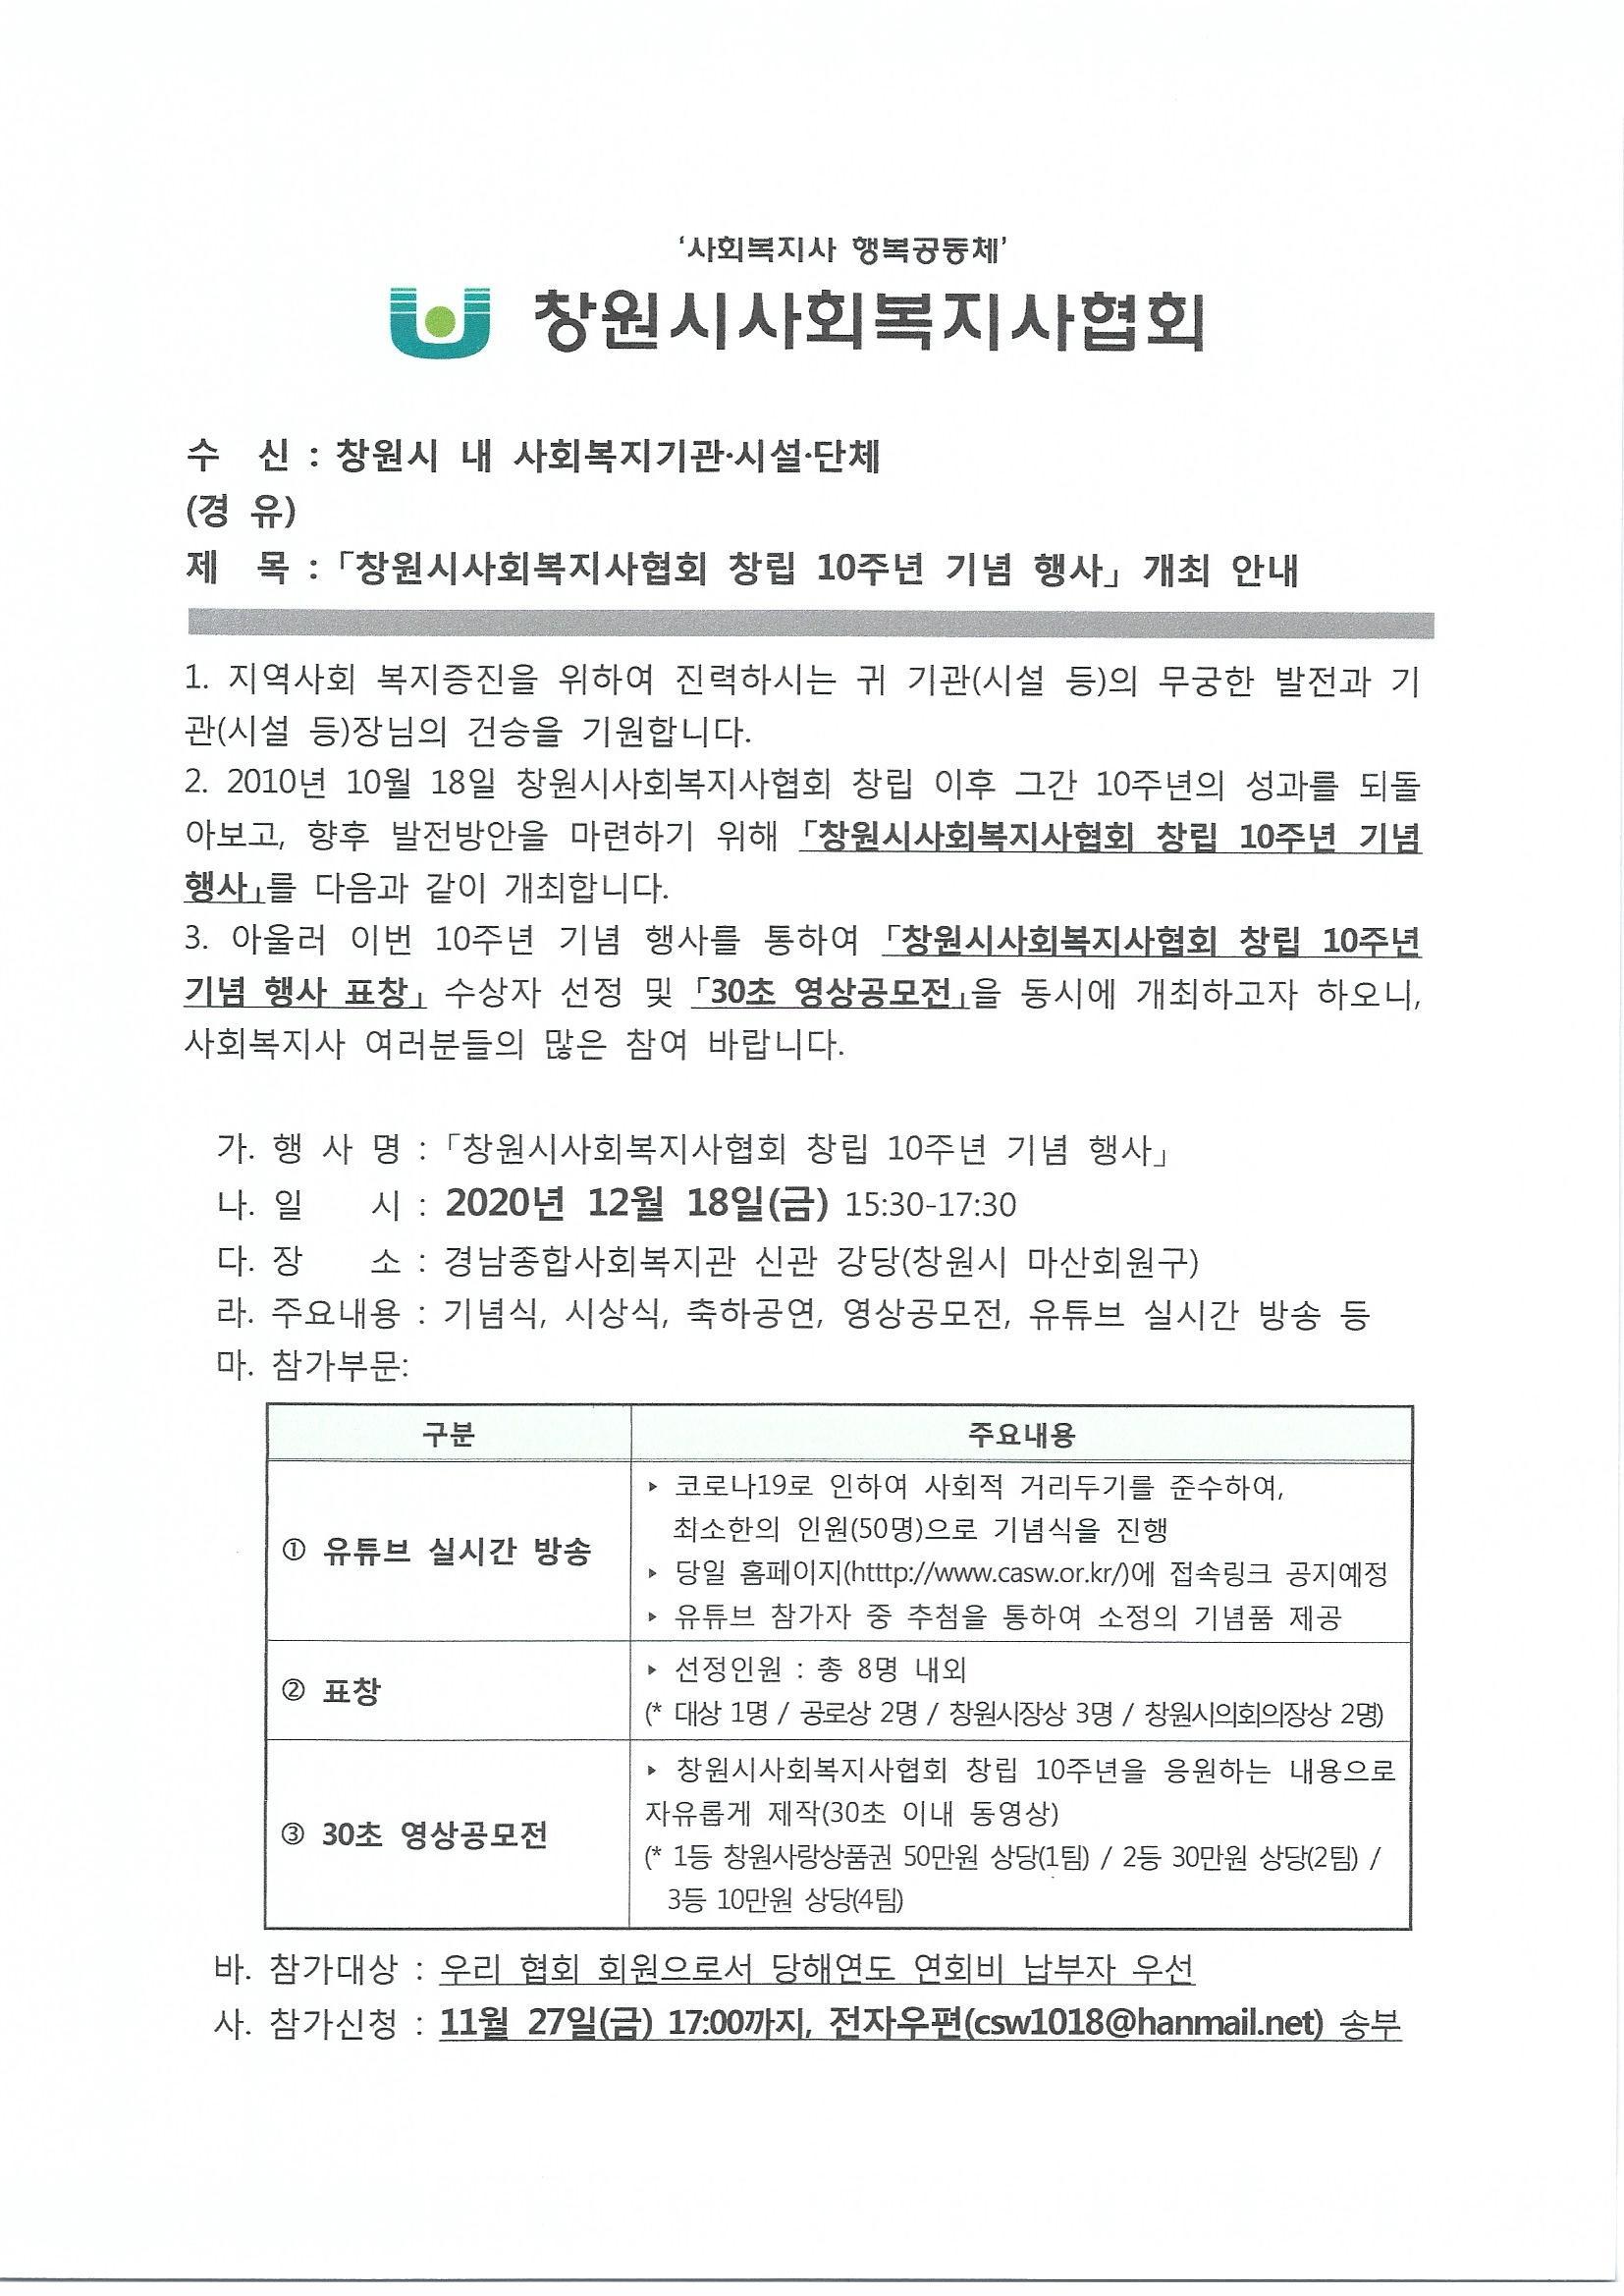 창원시사회복지사협회 창립 10주년 기념 행사 개최 안내_0001.jpg